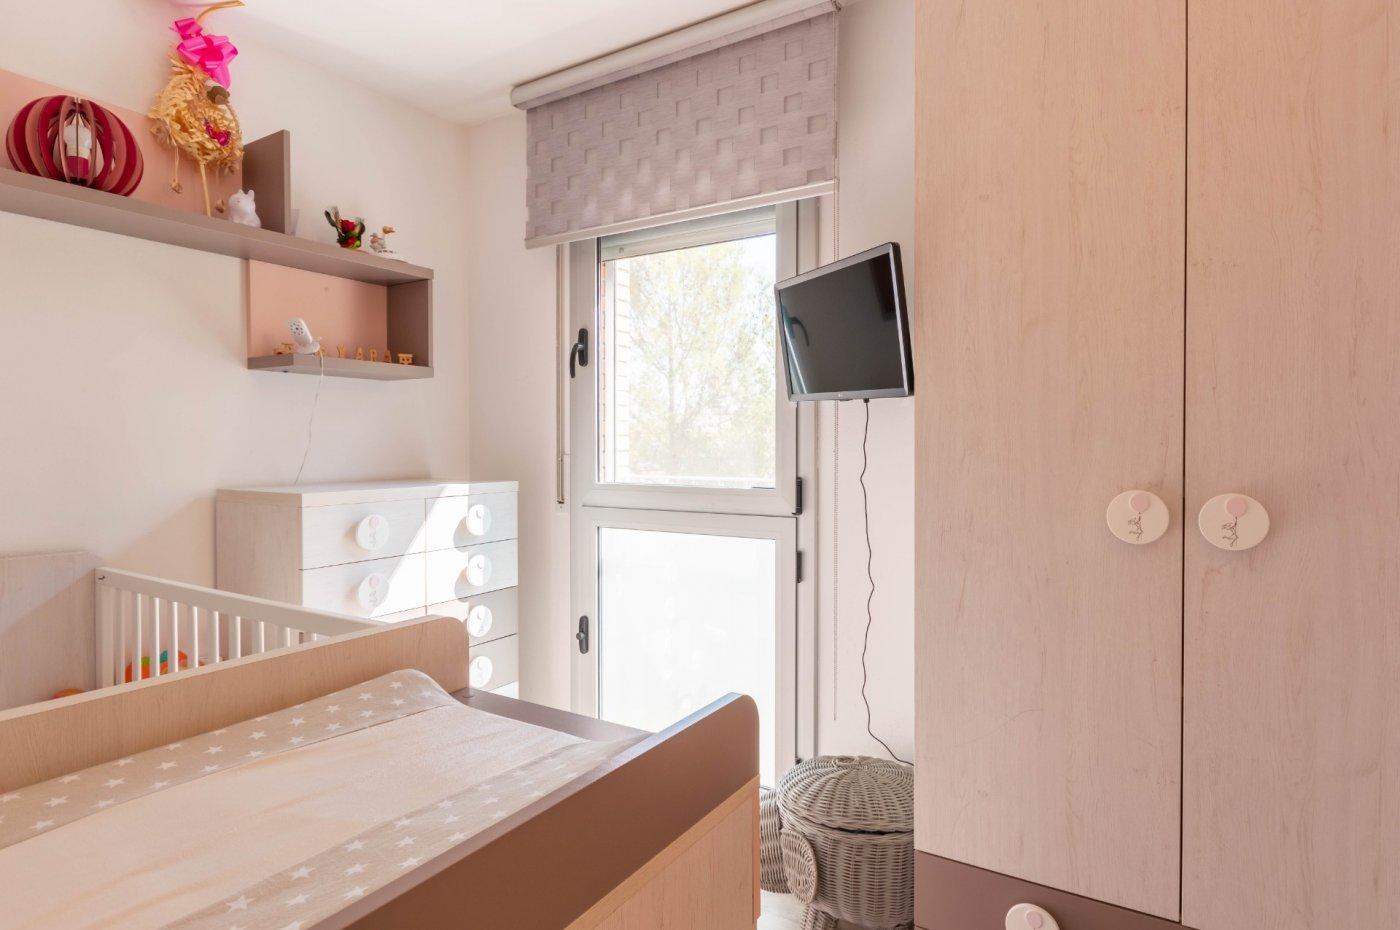 Piso de 50 m² en st. andreu de la b. zona raval de corbera. 2 hab., 1 baño, parking y tras - imagenInmueble12